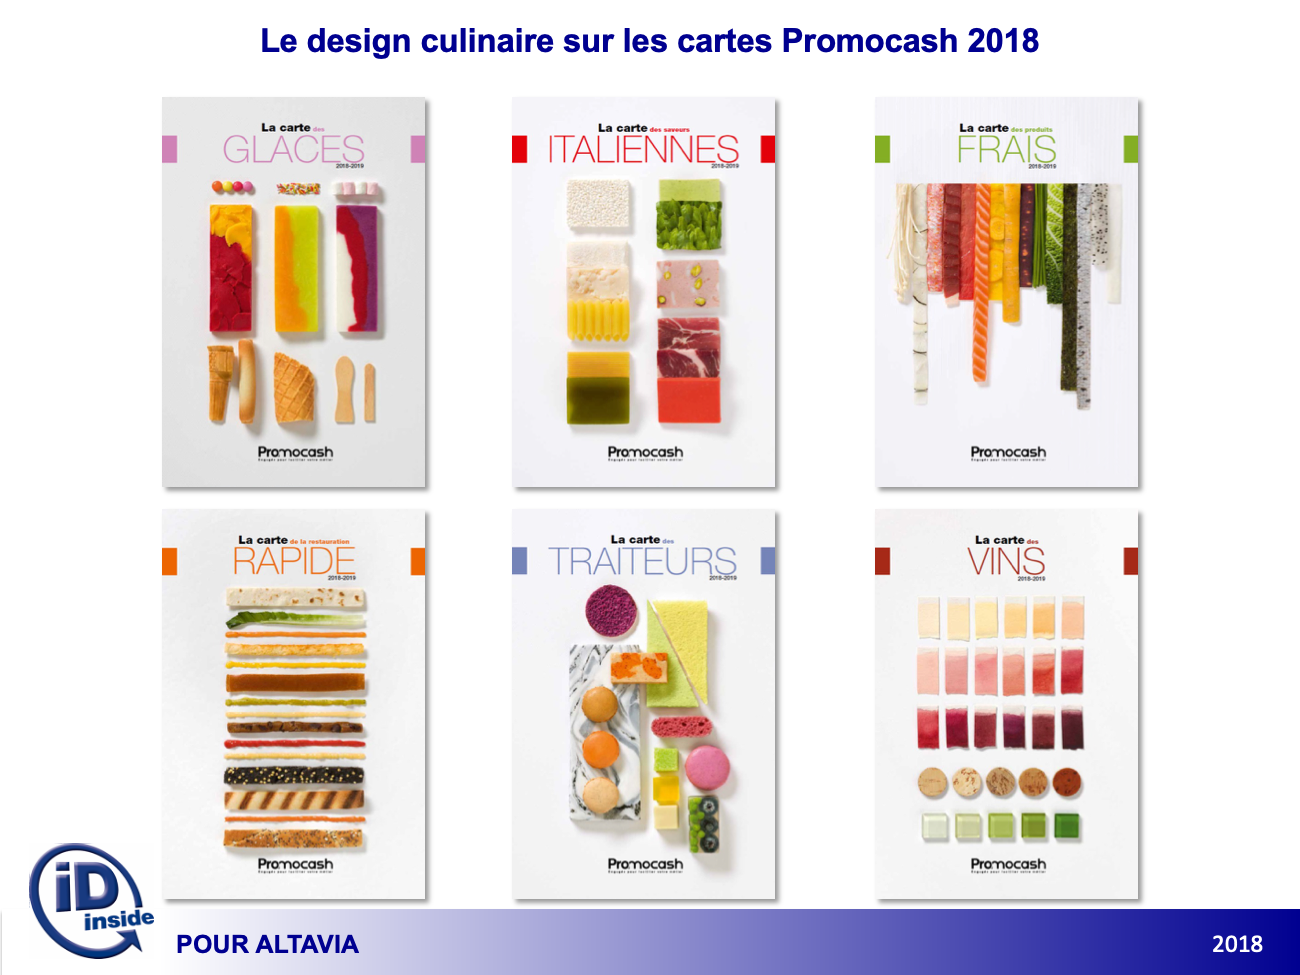 Illustration cas client ID Inside : Promocash, le design culinaire